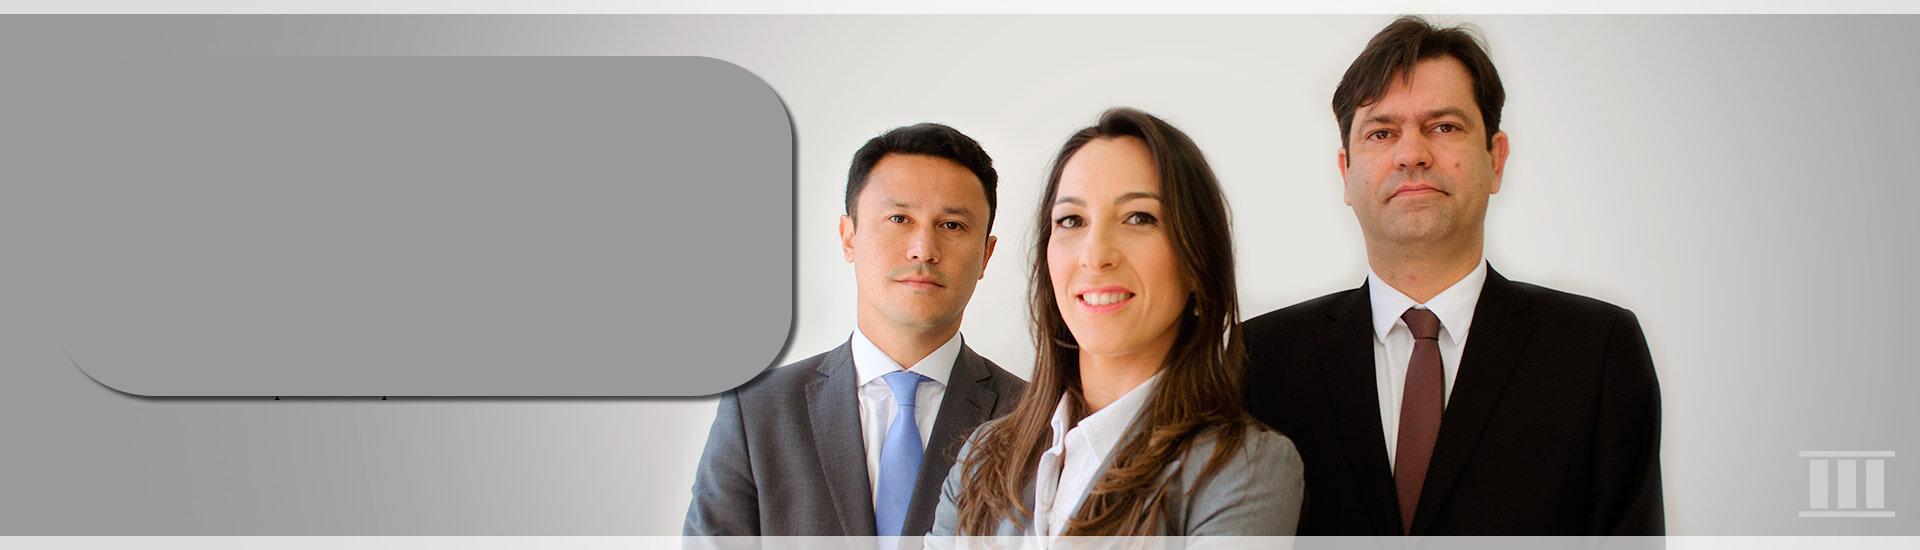 advogados-para-bancarios-1